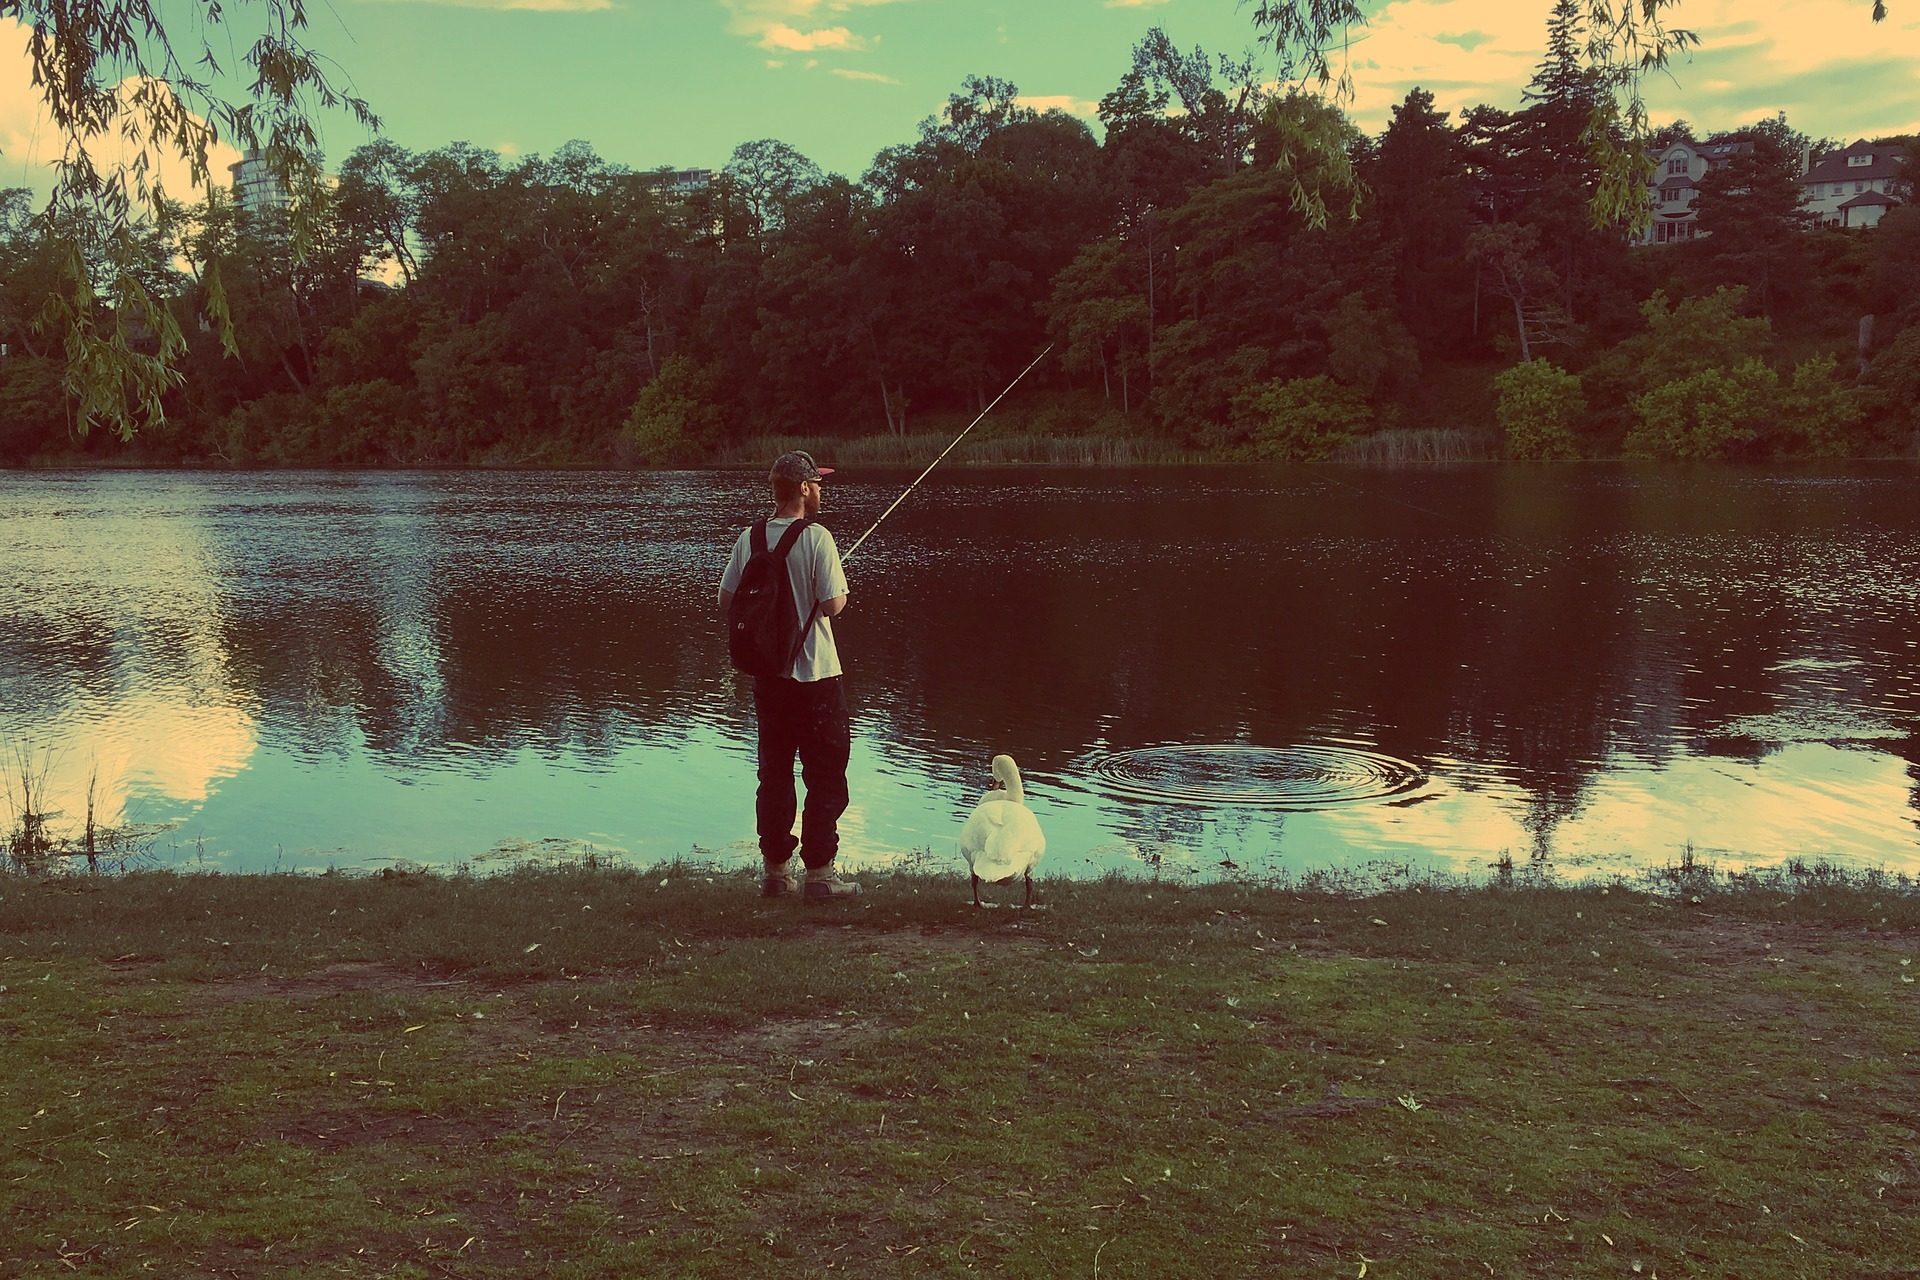 uomo, lago, Fiume, pesca, Anatra, alberi - Sfondi HD - Professor-falken.com